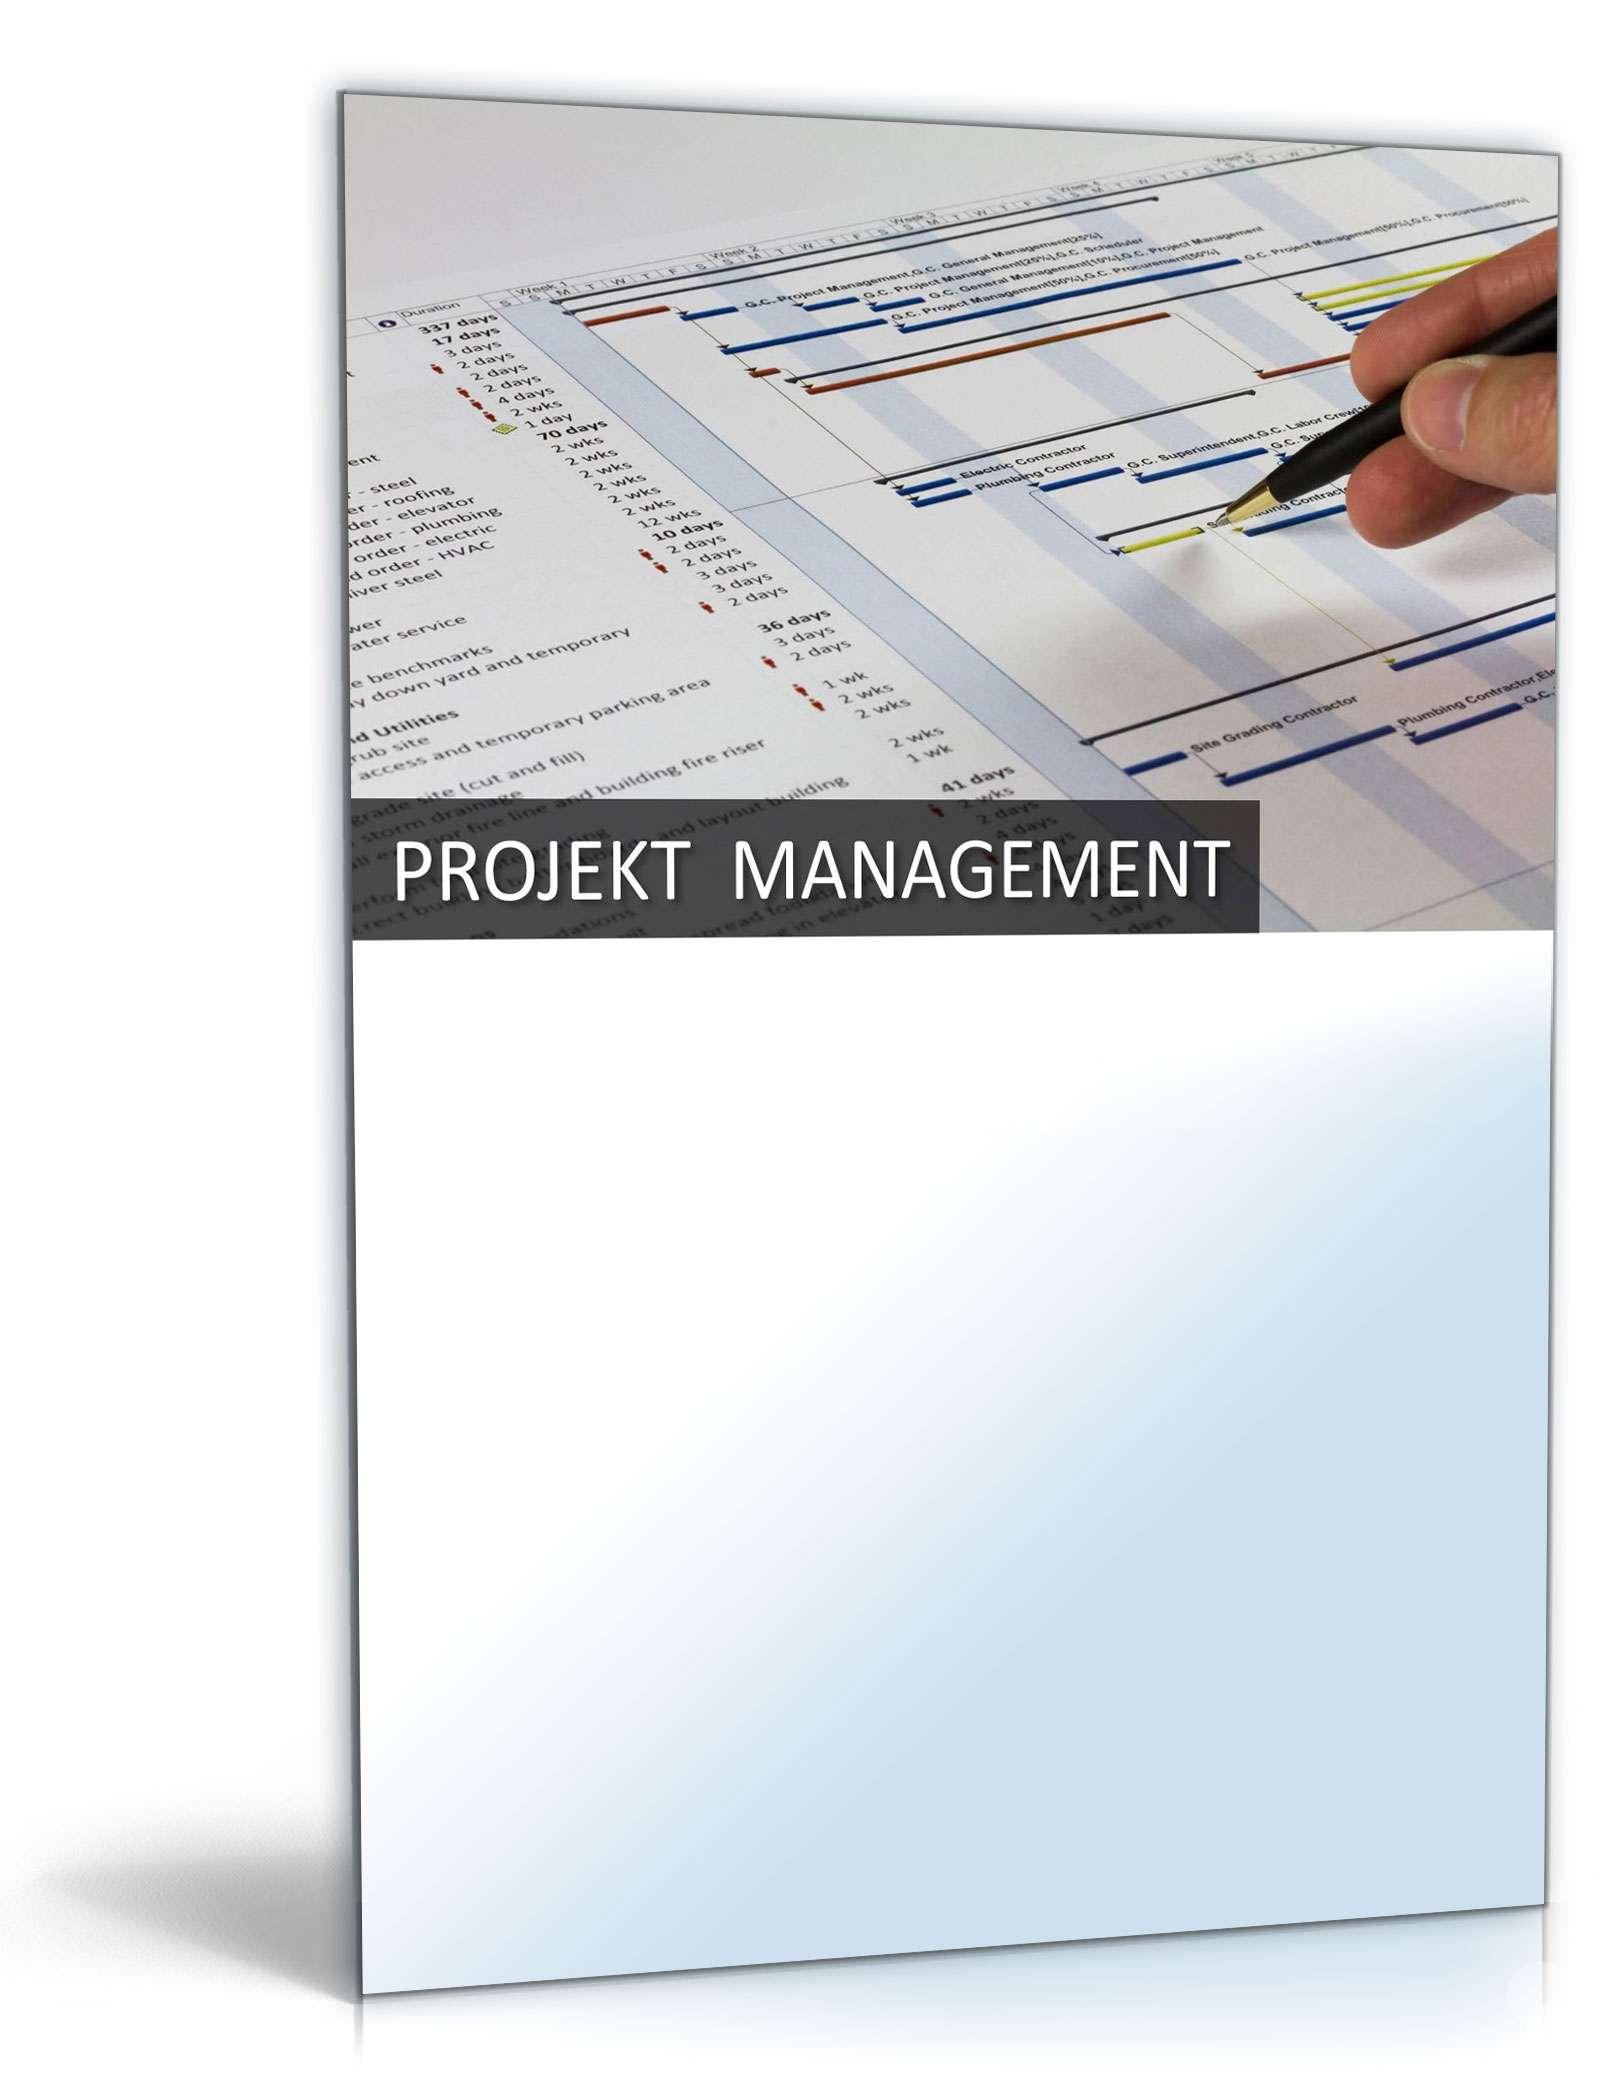 PowerPoint Präsentation Projektmanagement: Vorlage zum Download